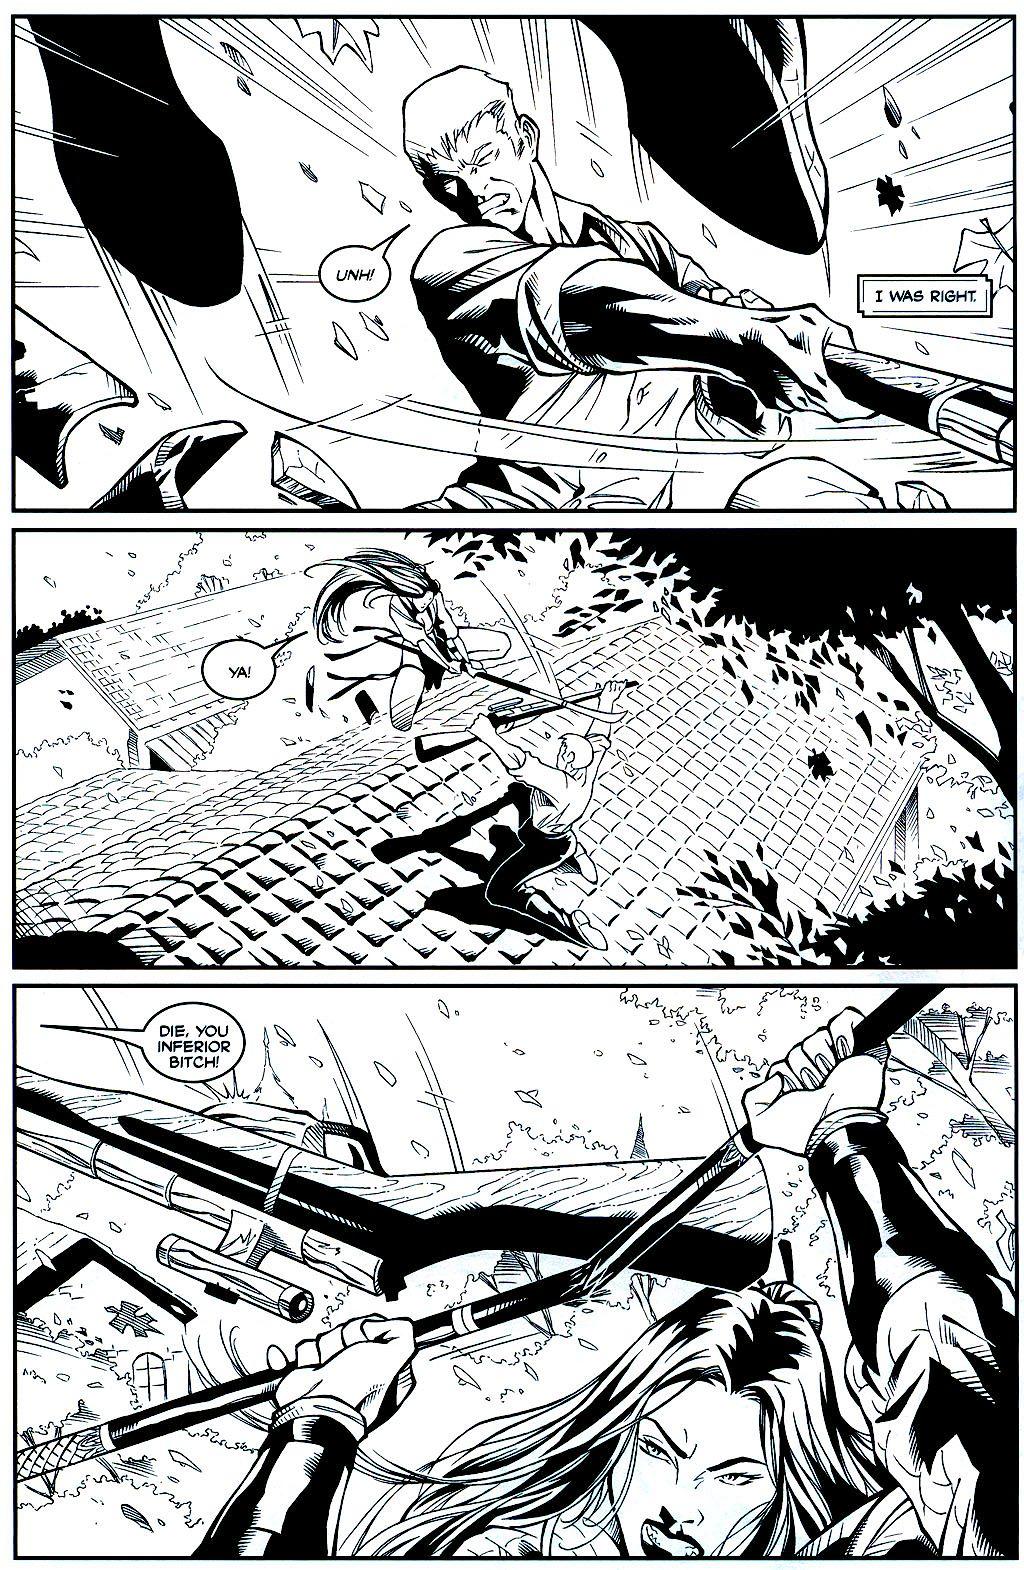 Read online Shi: Sempo comic -  Issue #1 - 9